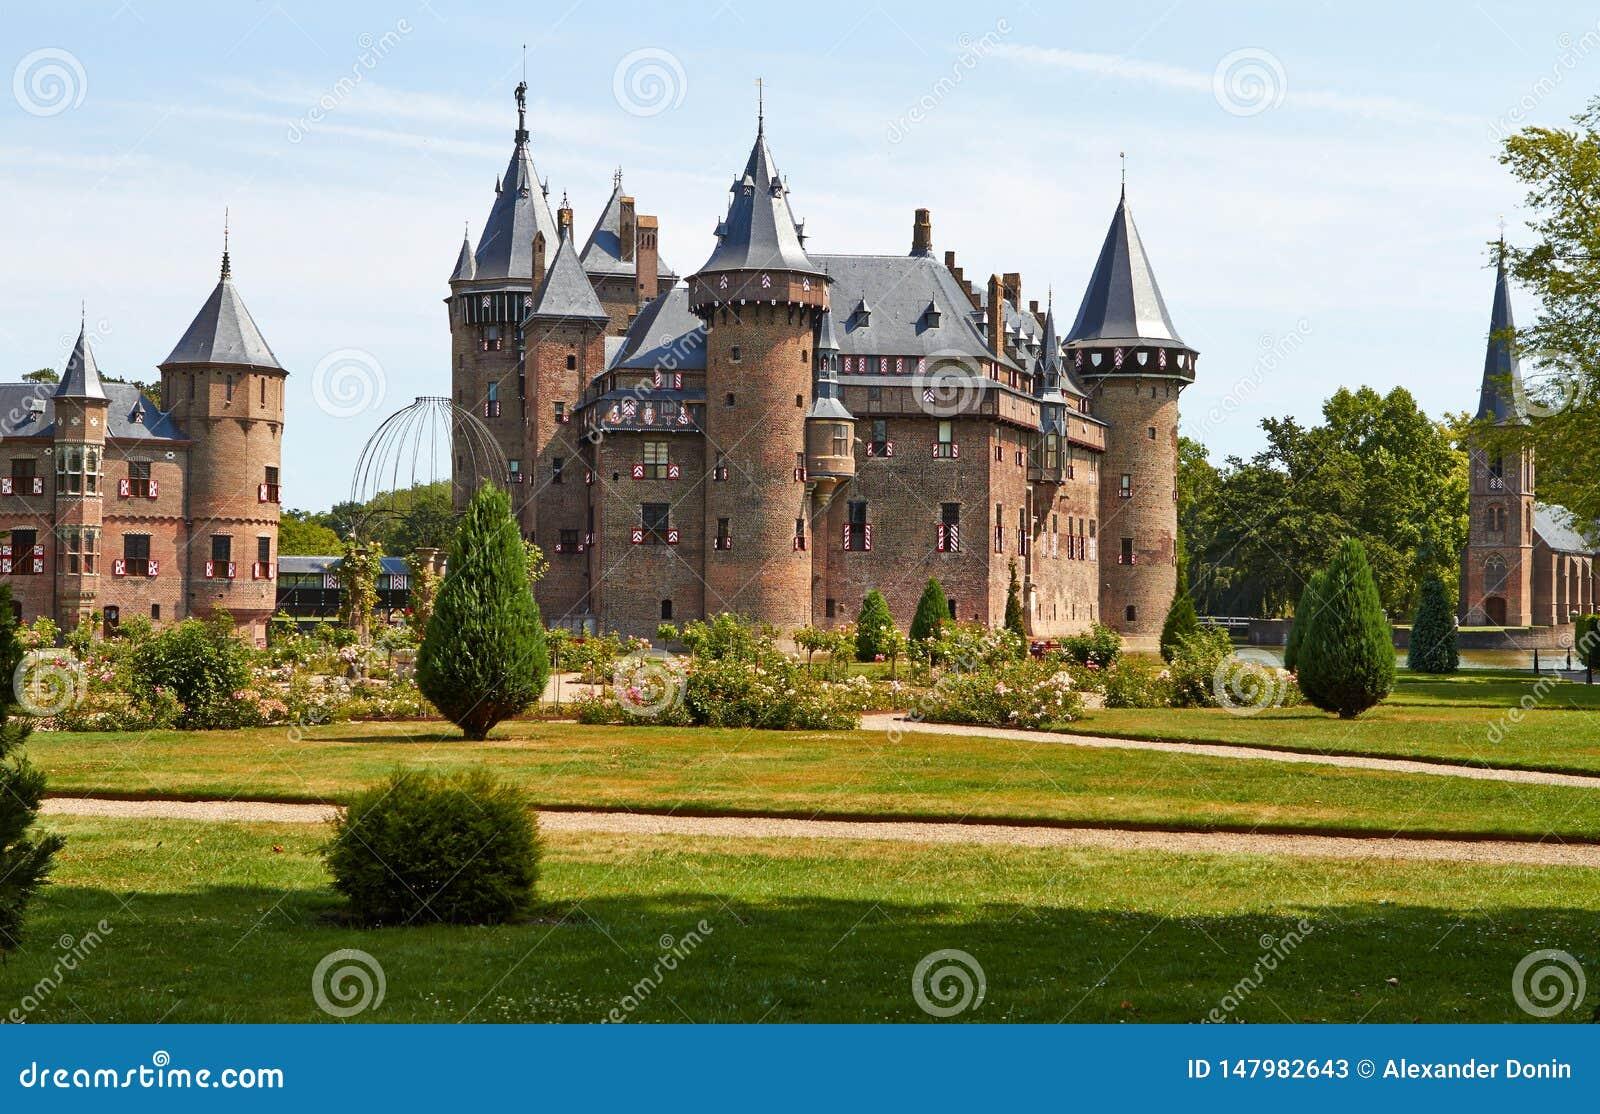 Замок De Haar расположен, в провинции Utrecht